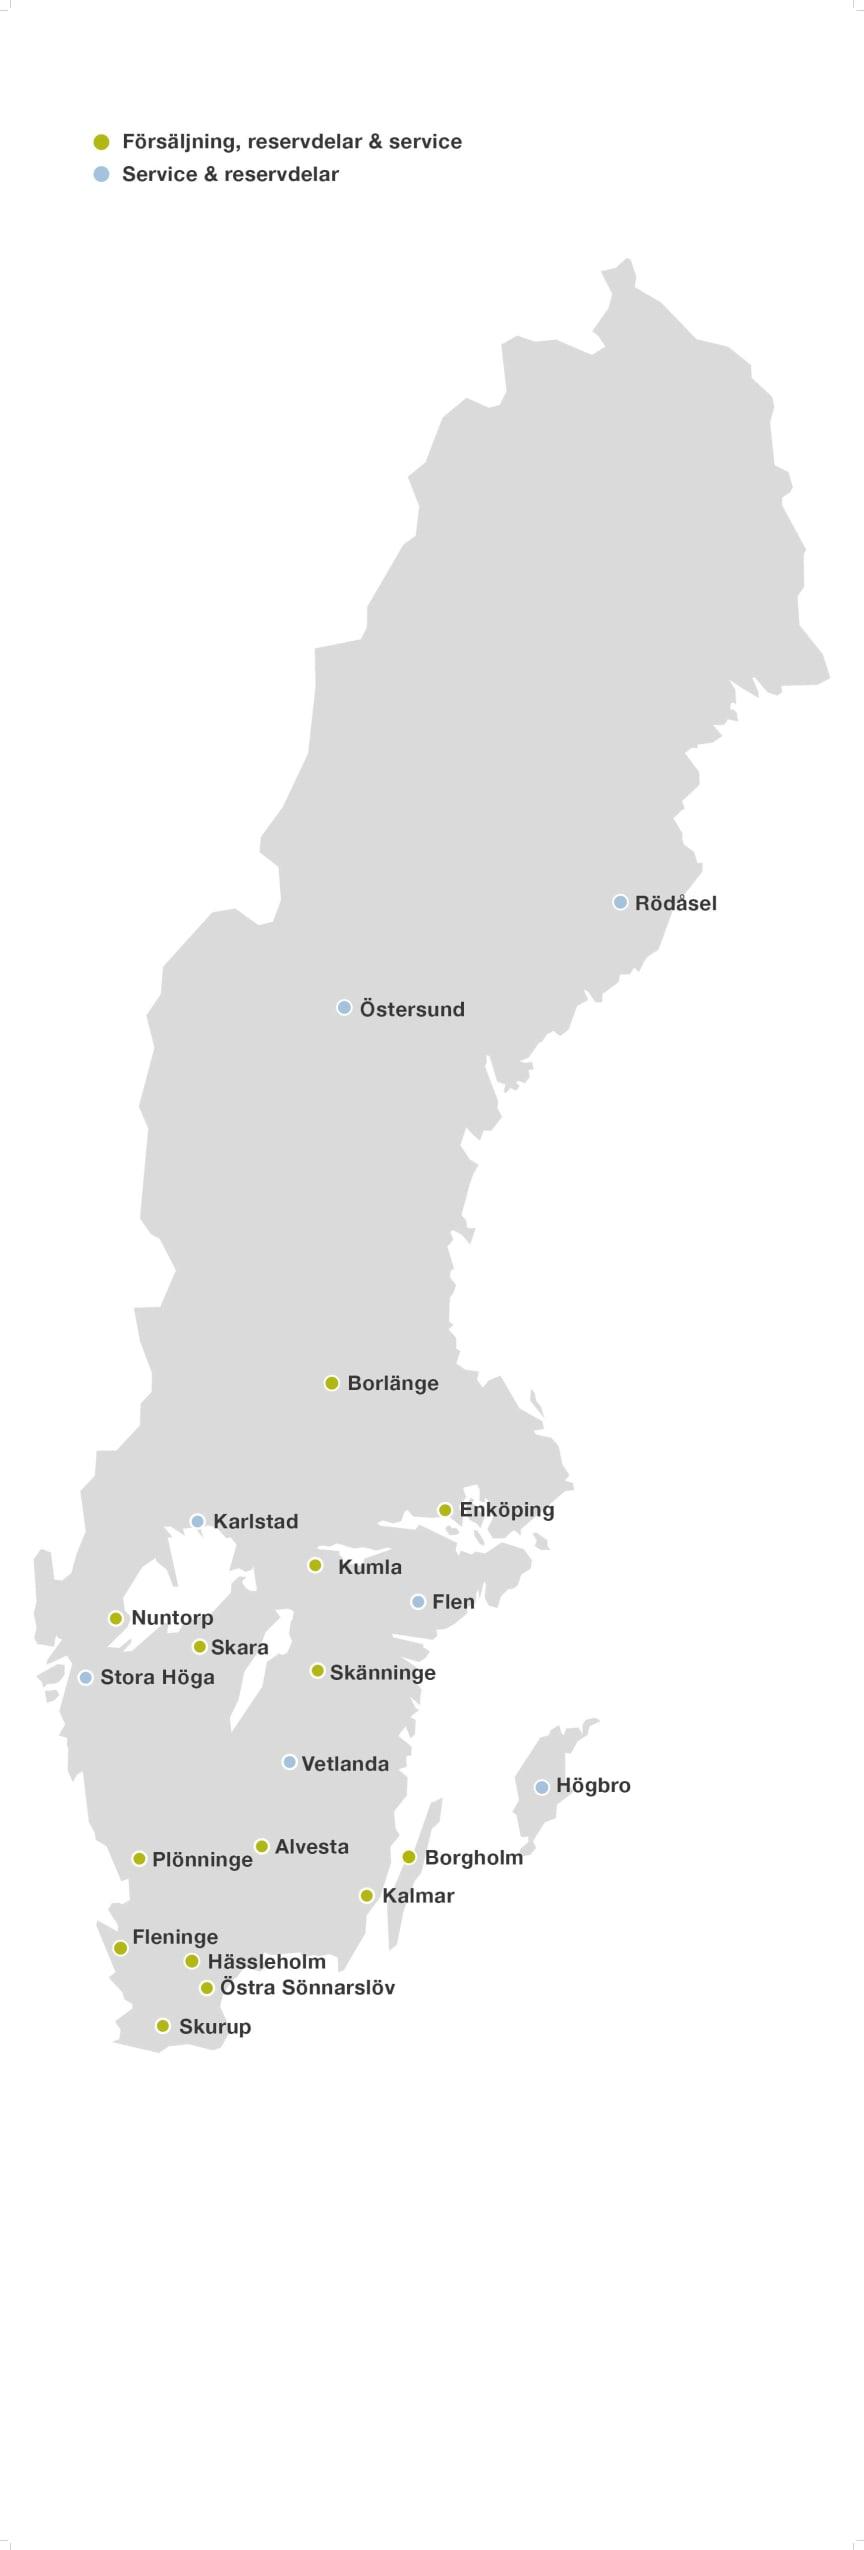 Swedish Agro Machinerys egna anläggningar och servicepartner.